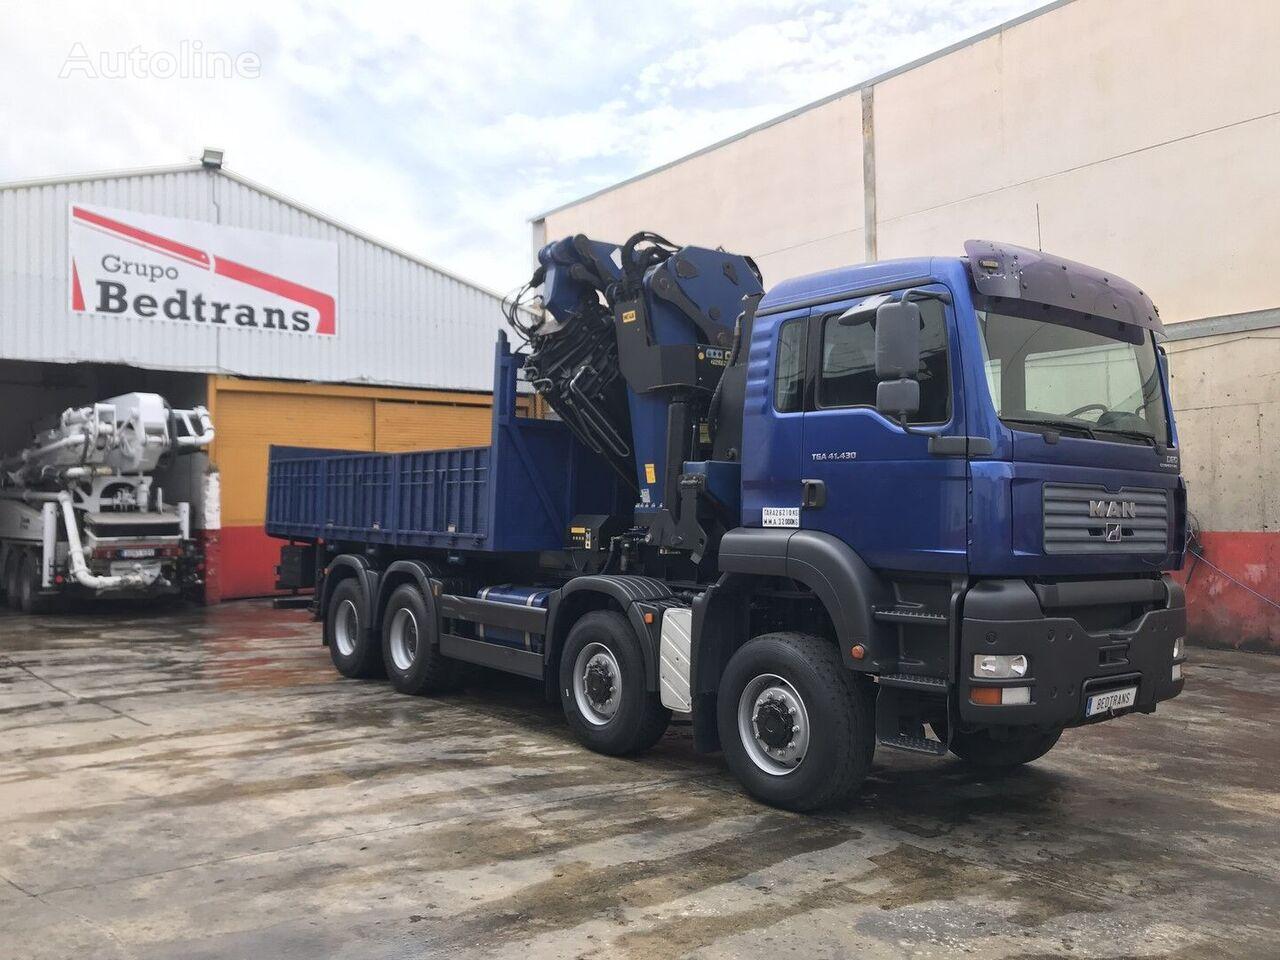 MAN tga 41.430 kamion s ravnom platformom